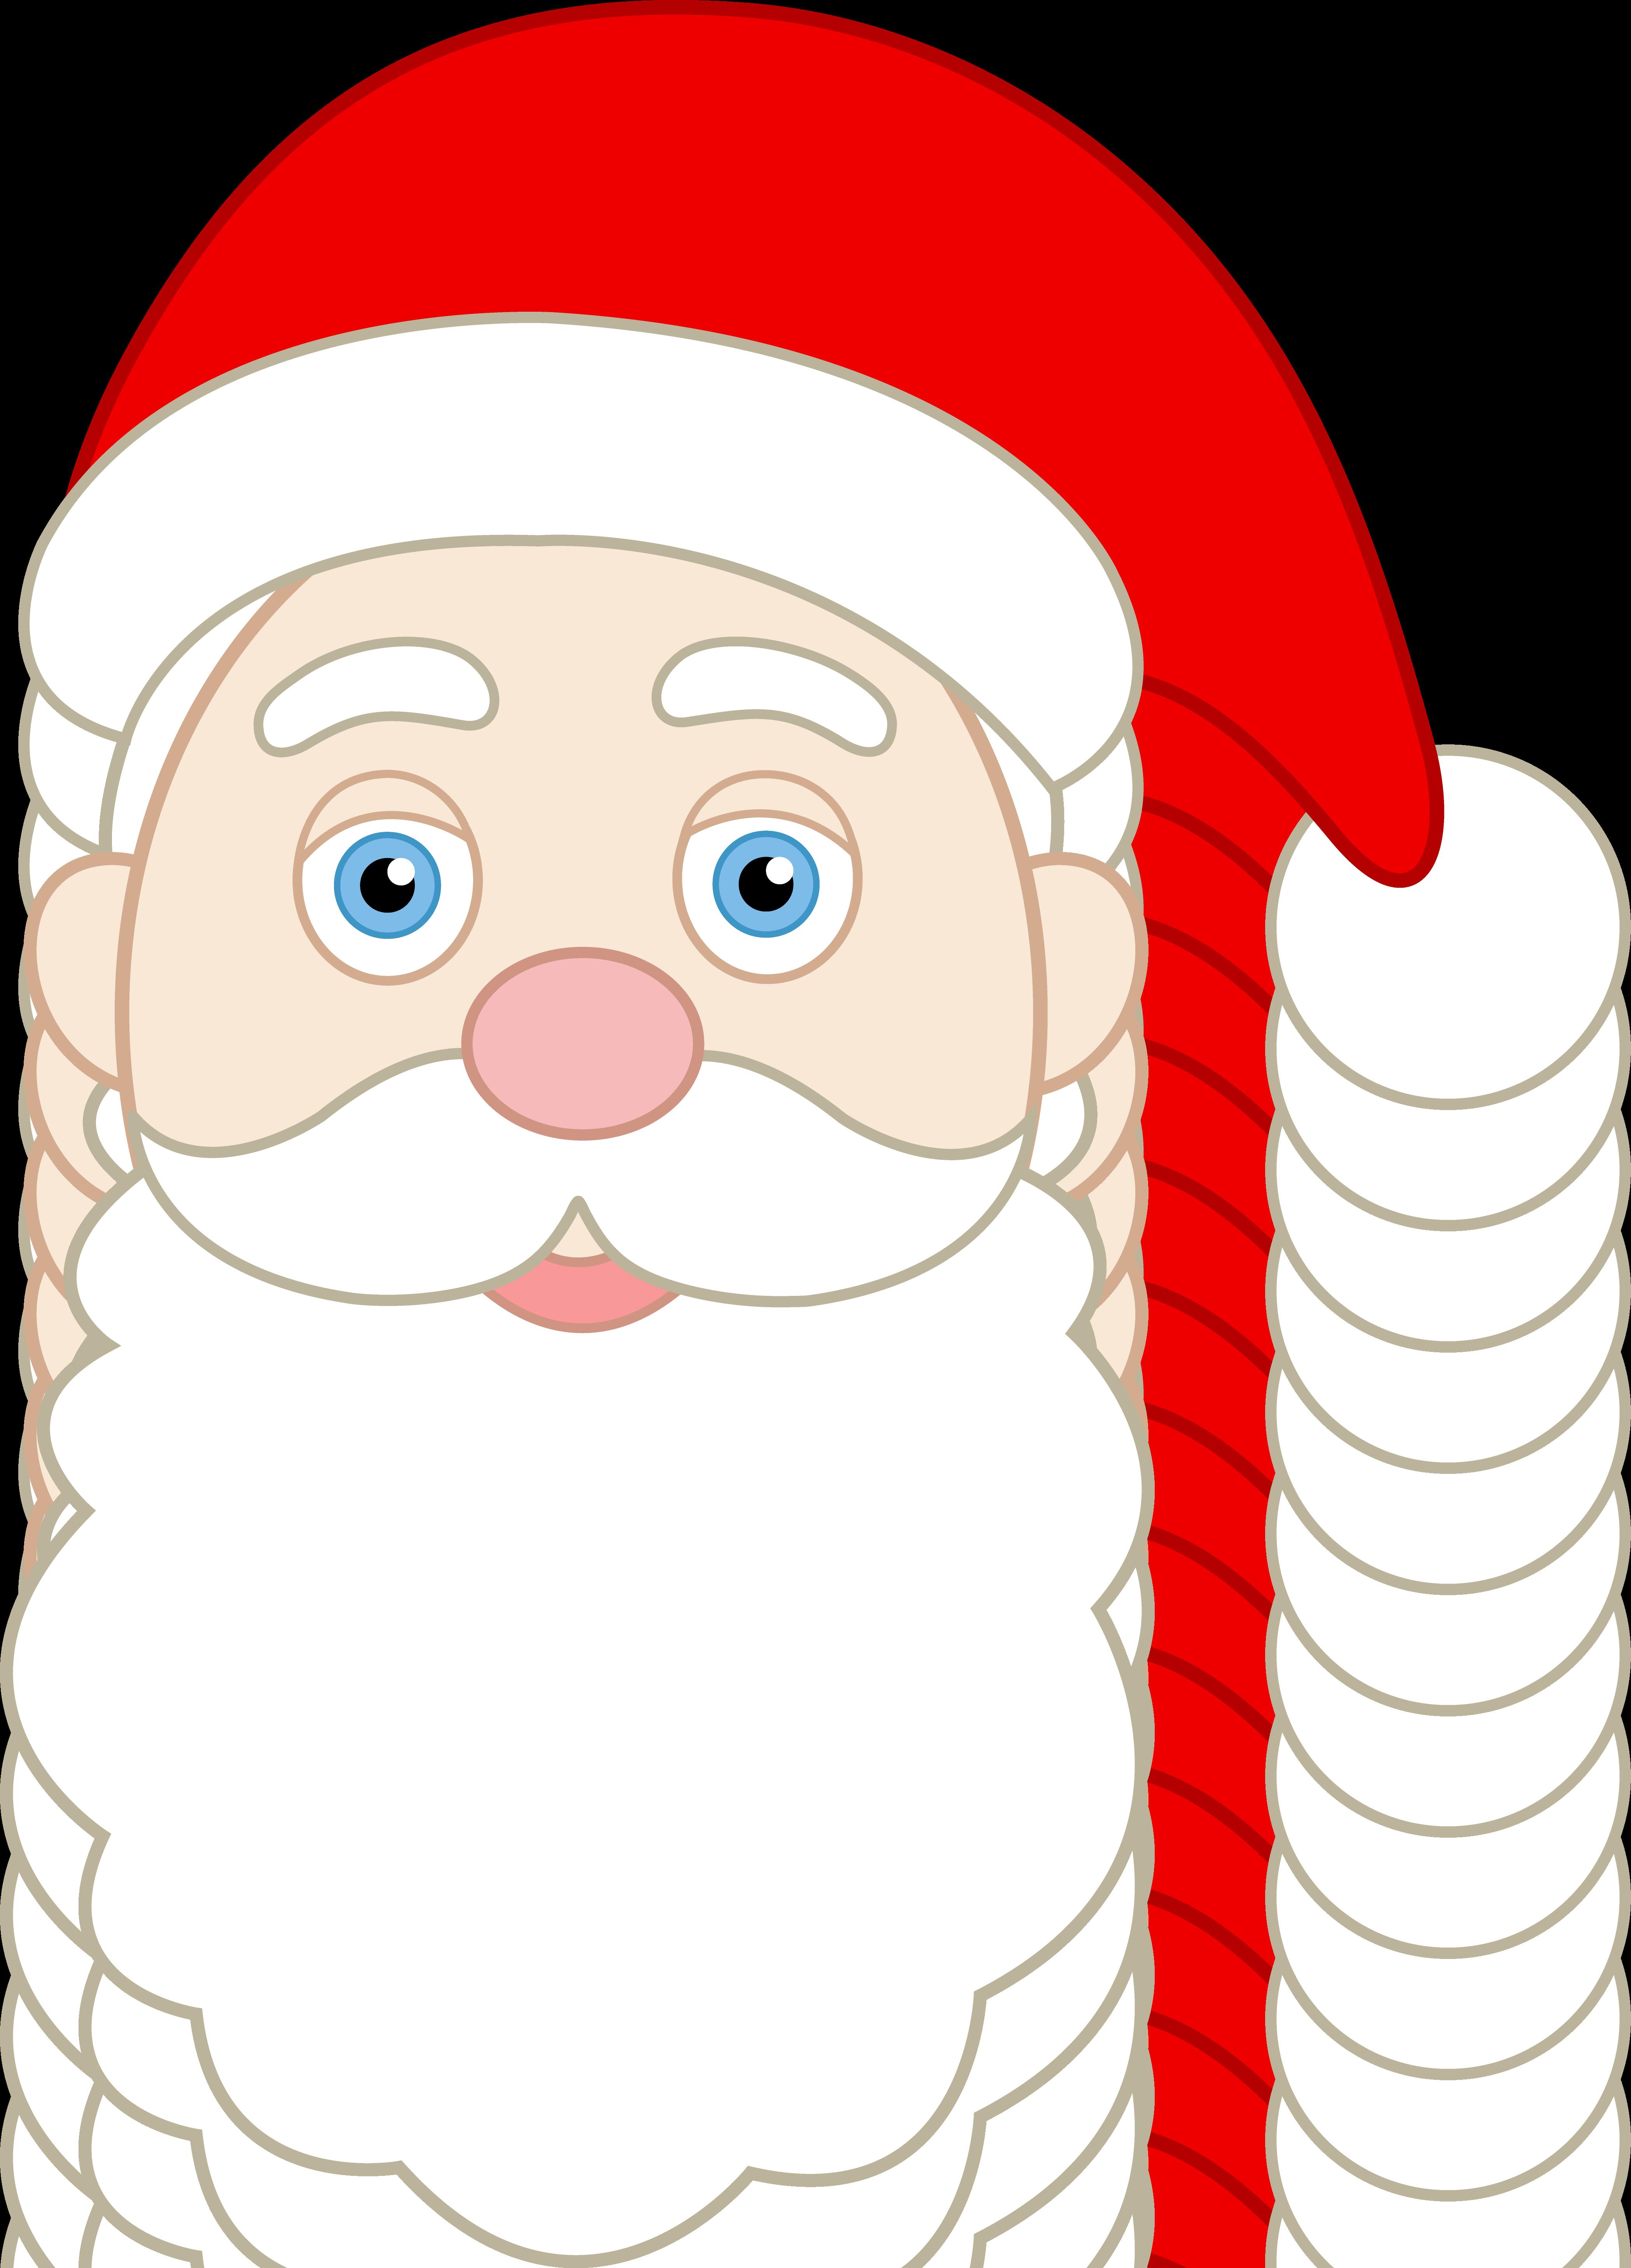 Santa face clipart vector freeuse stock 10+ Santa Face Clip Art | ClipartLook vector freeuse stock